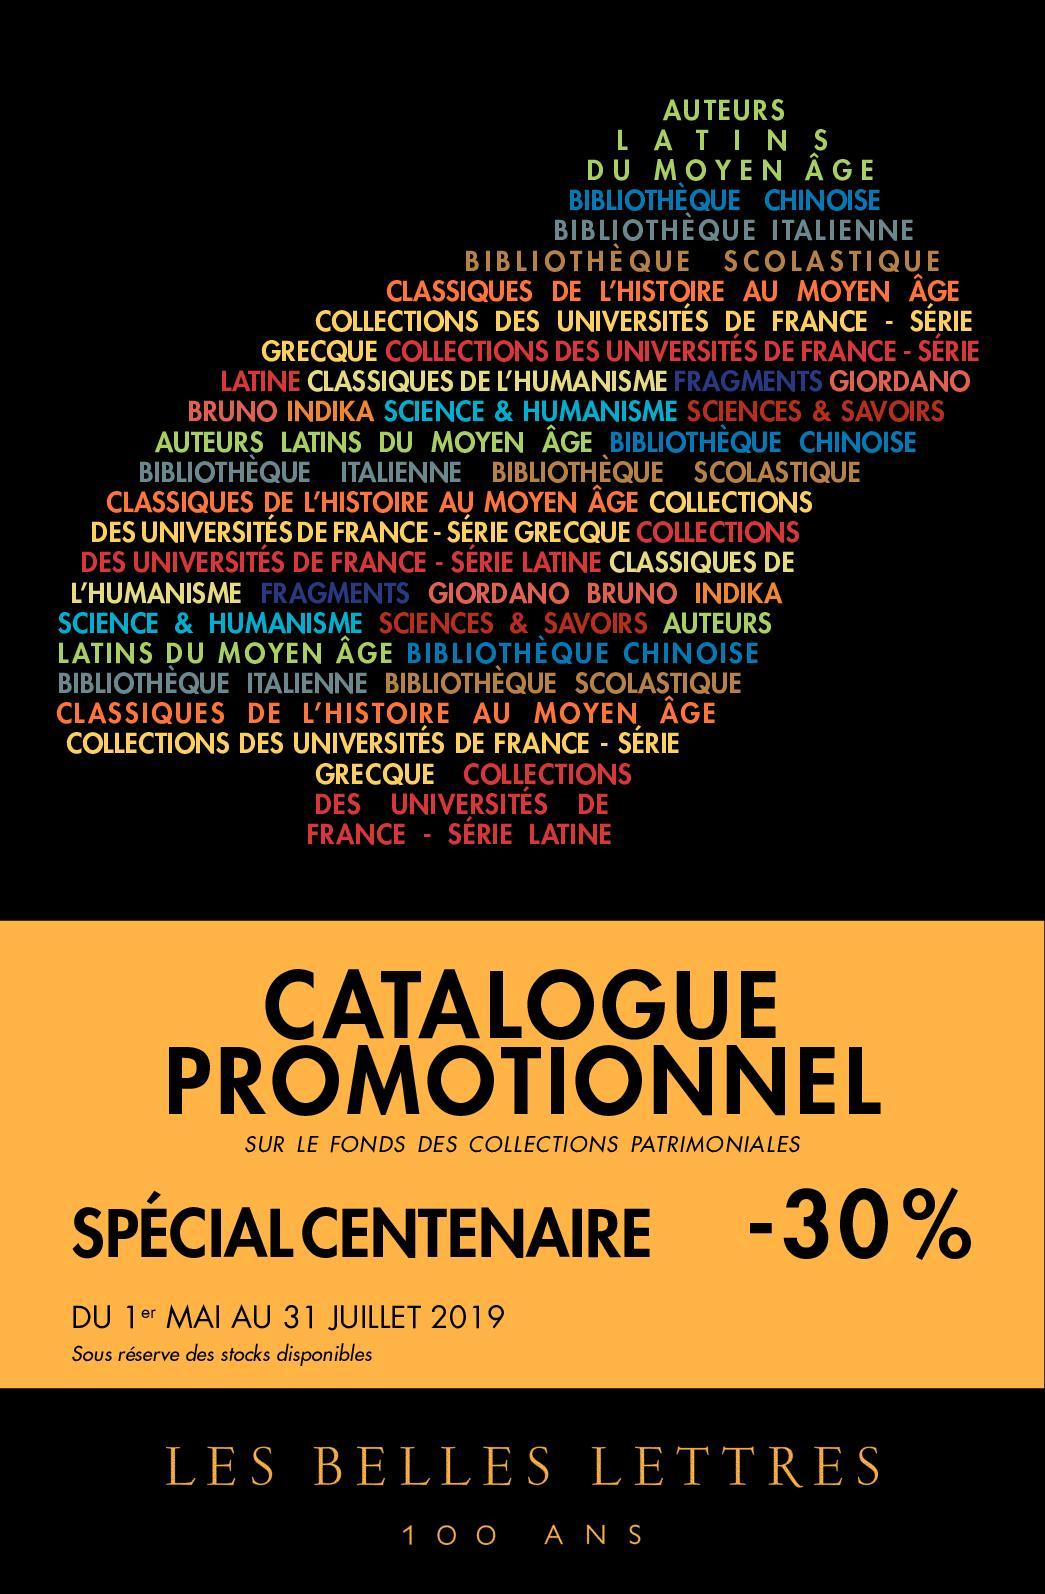 Catalogue promotionnel LBL Fonds patrimonial